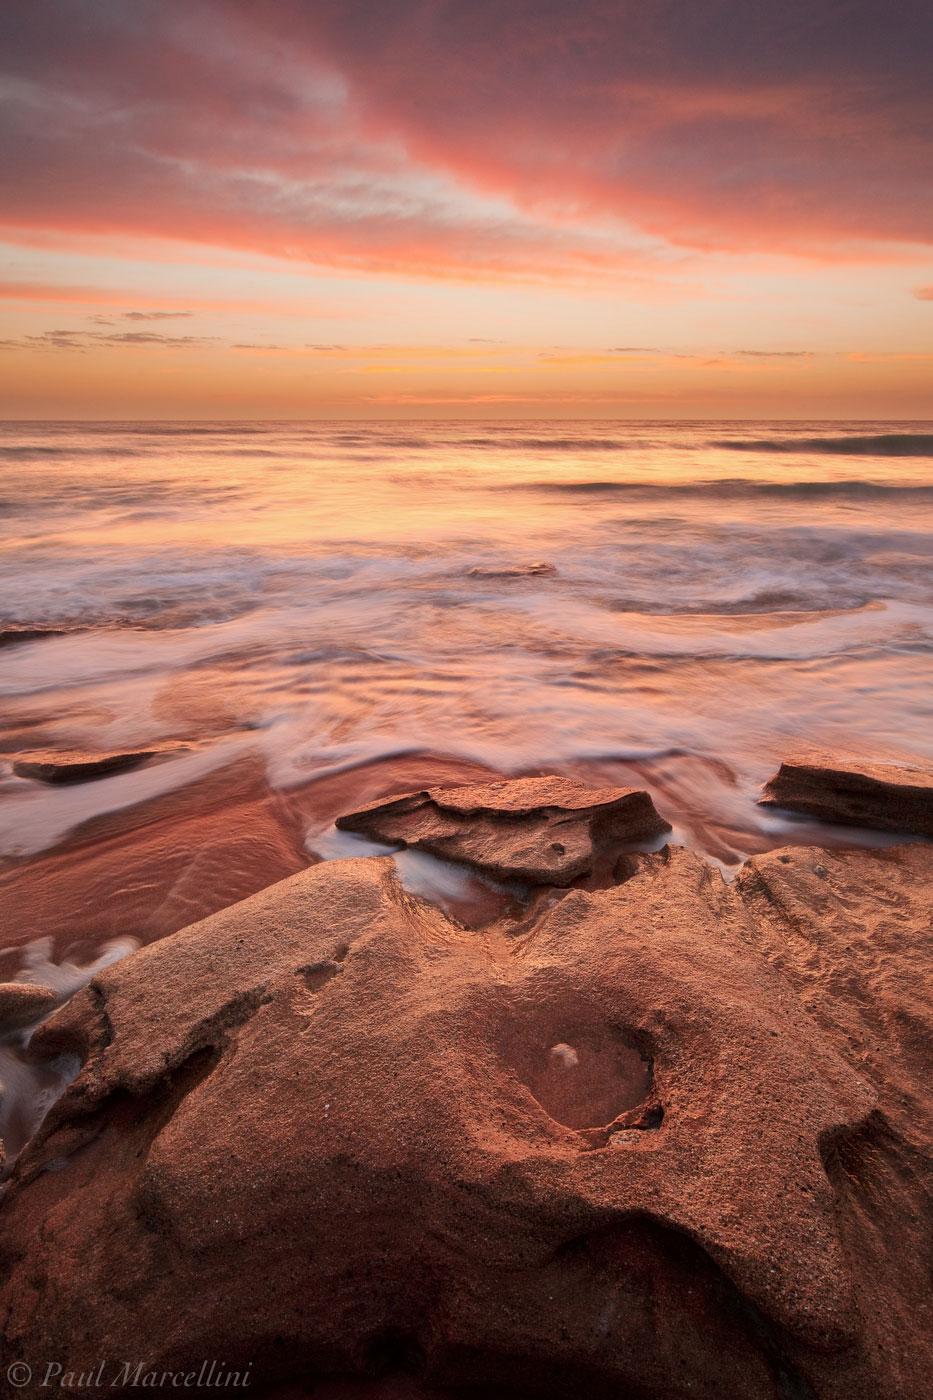 washington oaks state park, florida, sunrise, shoreline, anastasia formation, north florida, nature, photography, photo